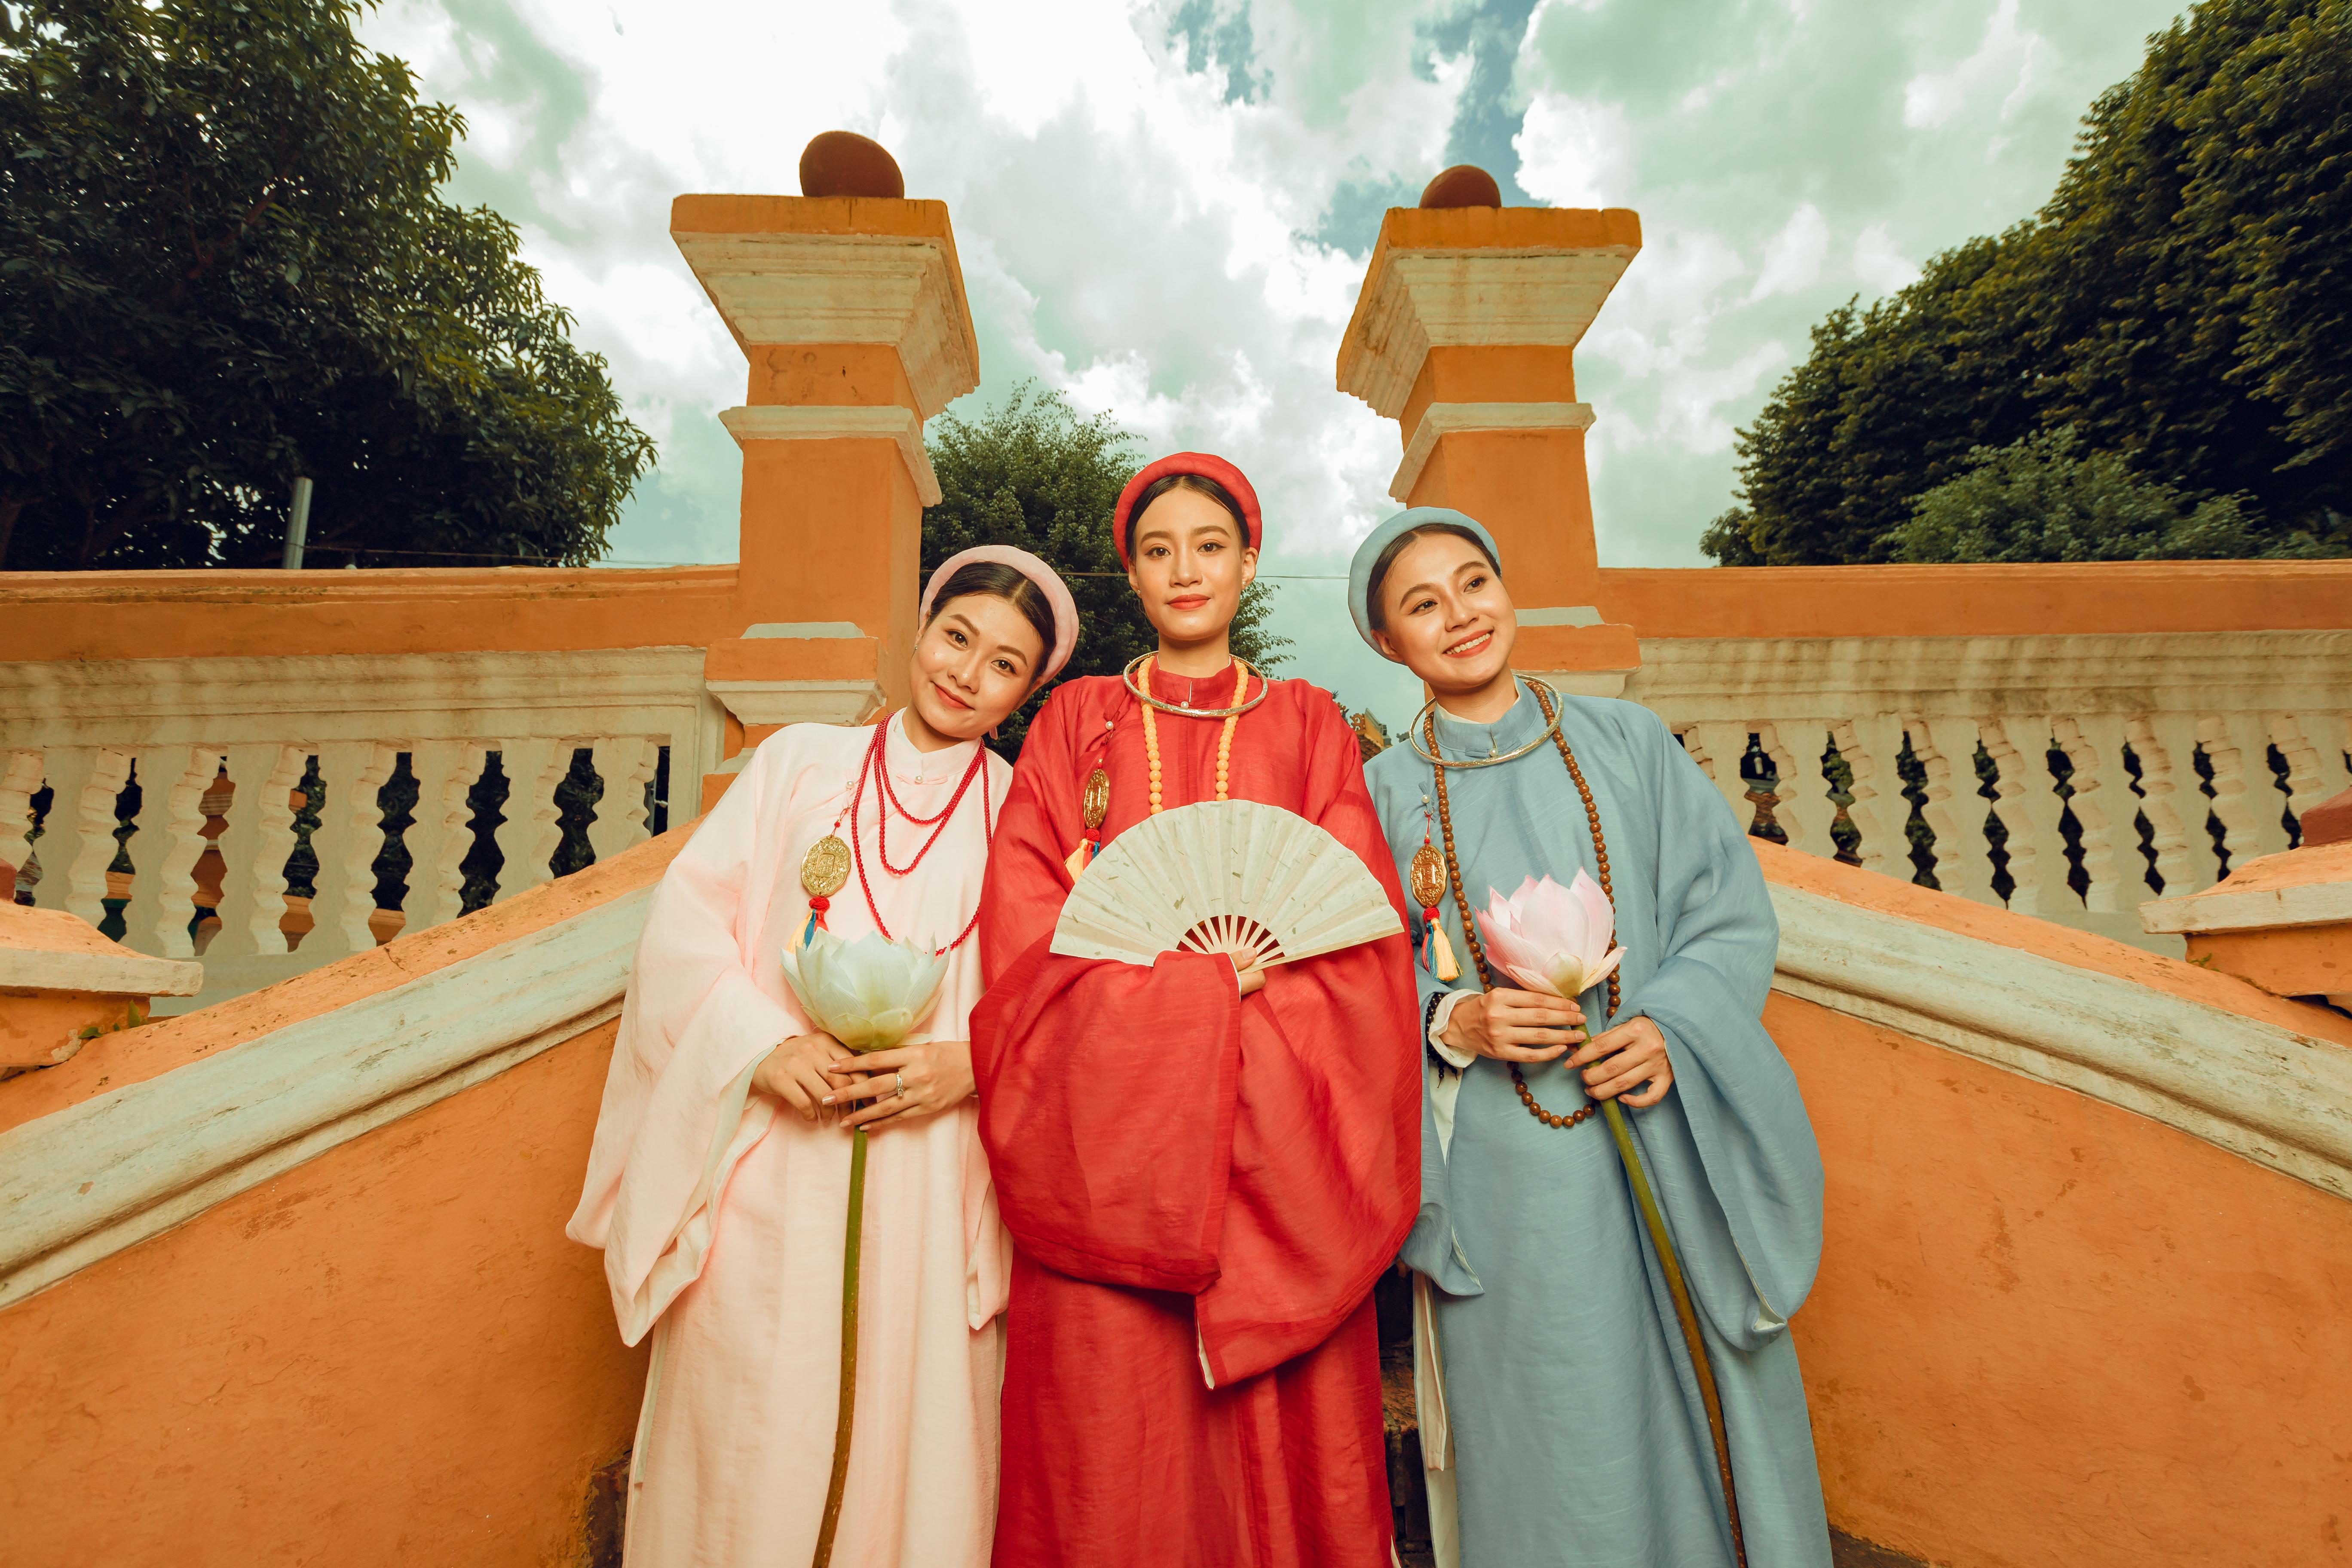 """Nhóm học sinh cấp 3 tìm về nét đẹp truyền thống, diện nguyên dàn cổ phục Việt chụp ảnh kỷ yếu, nhanh chóng thành tạo """"hot trend"""" trên mạng xã hội - Ảnh 16."""